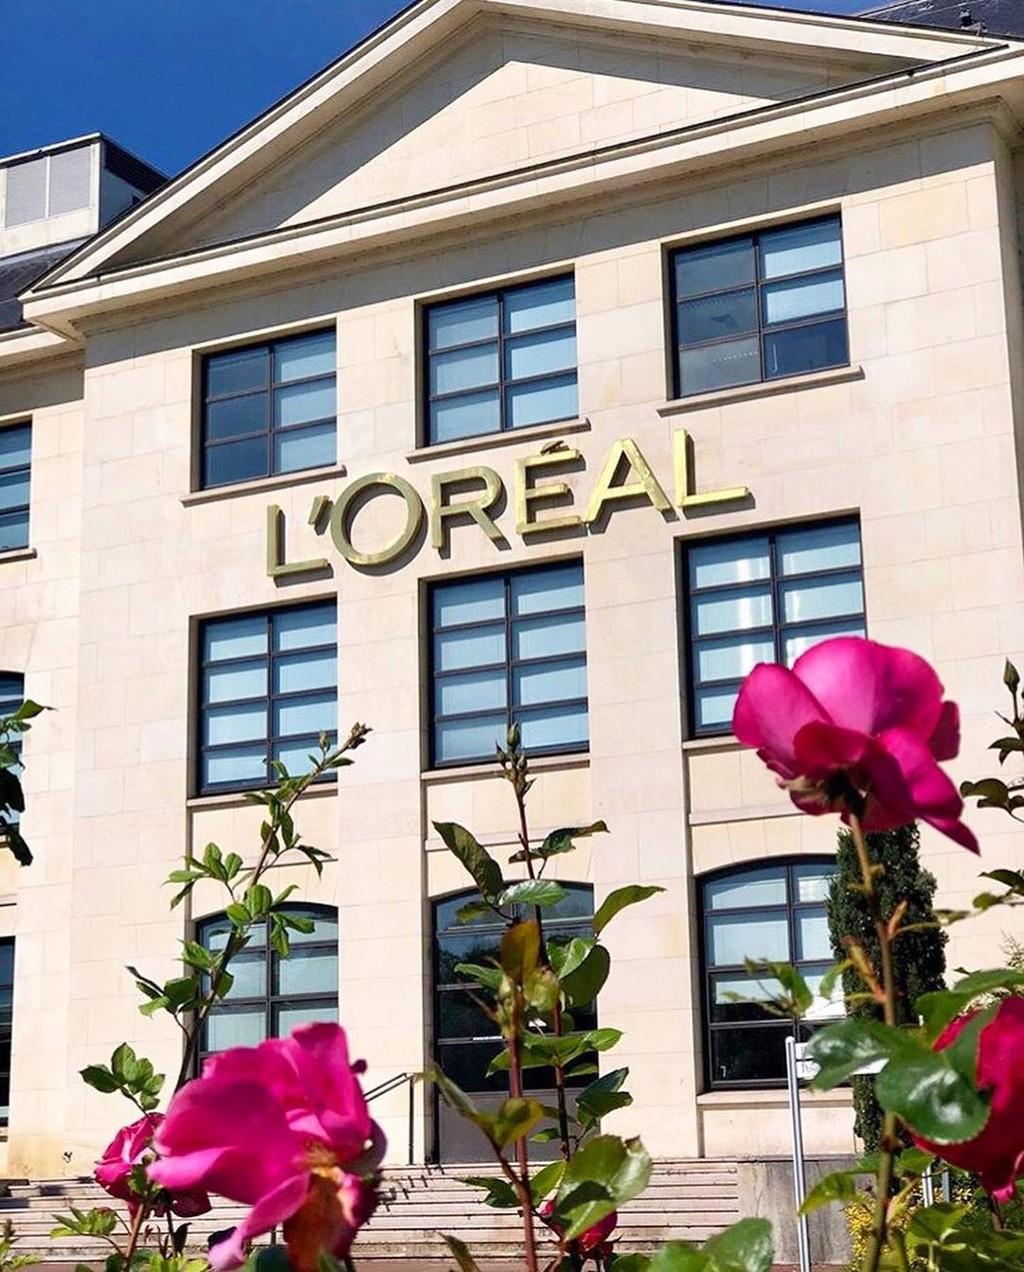 L'Oréal determina retirar de sus productos terminos como